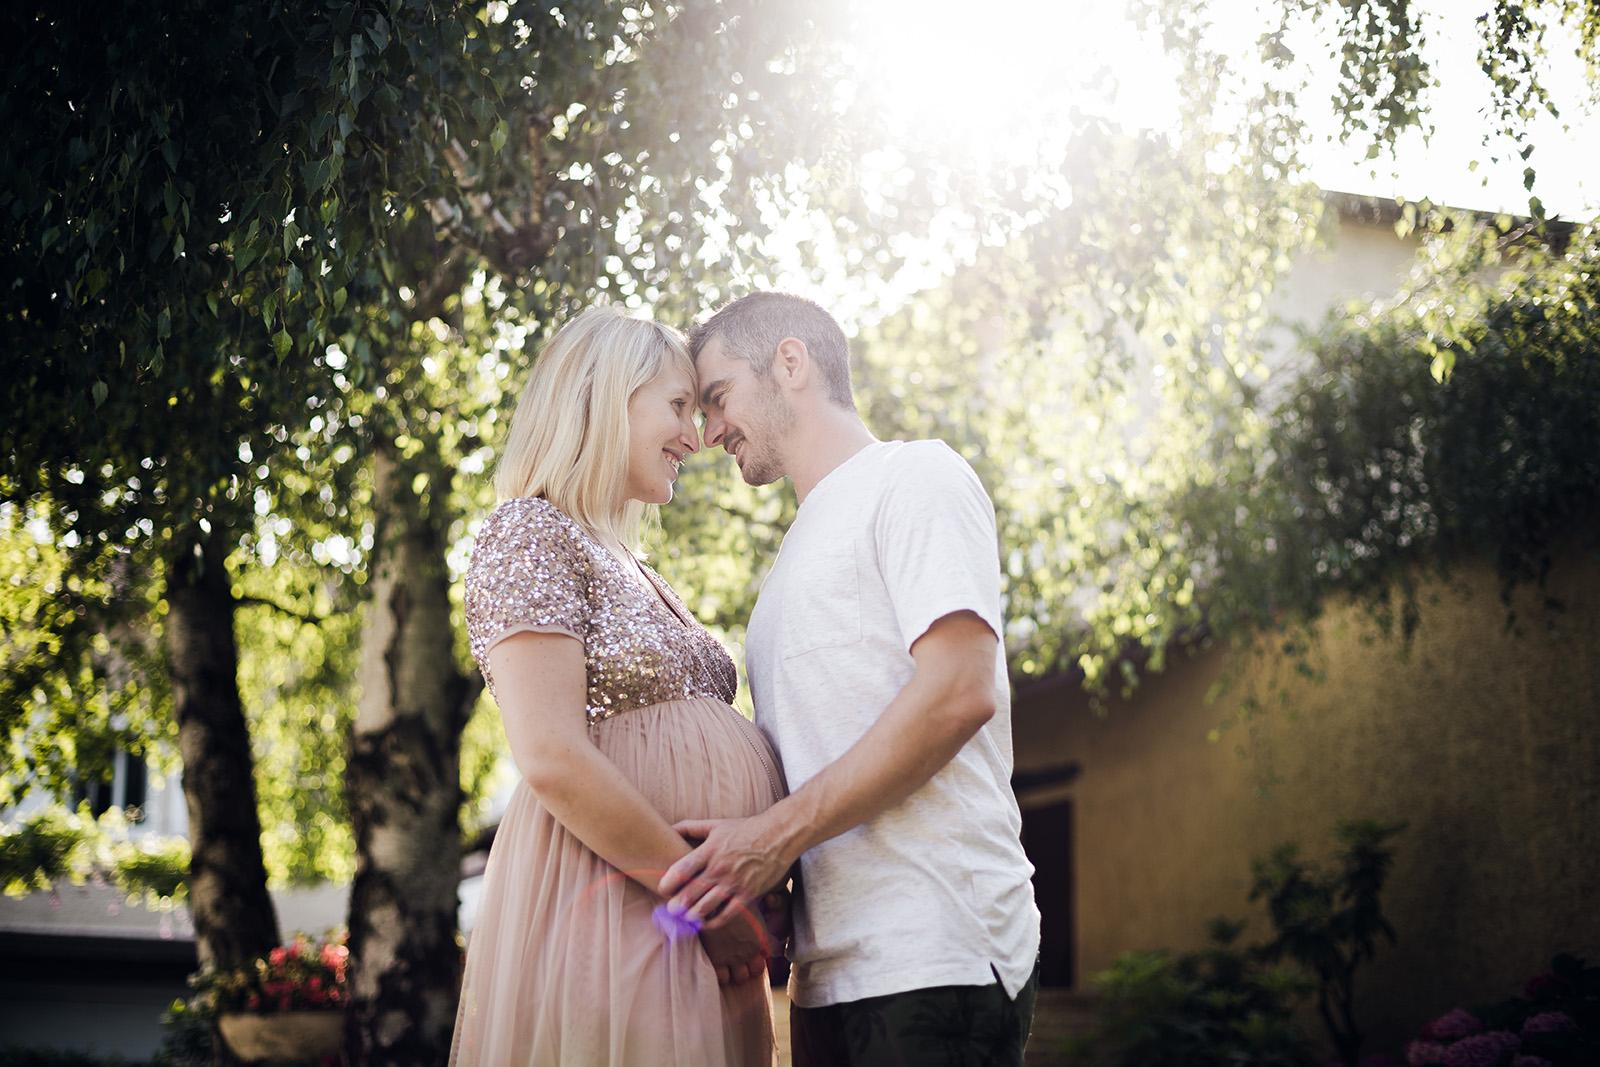 seance-photo-grossesse-portrait-couple-elise-julliard-photographe-lyon-auvergne-rhone-alpes-villefranche-sur-saone-beaujolais-love-session-famille-4